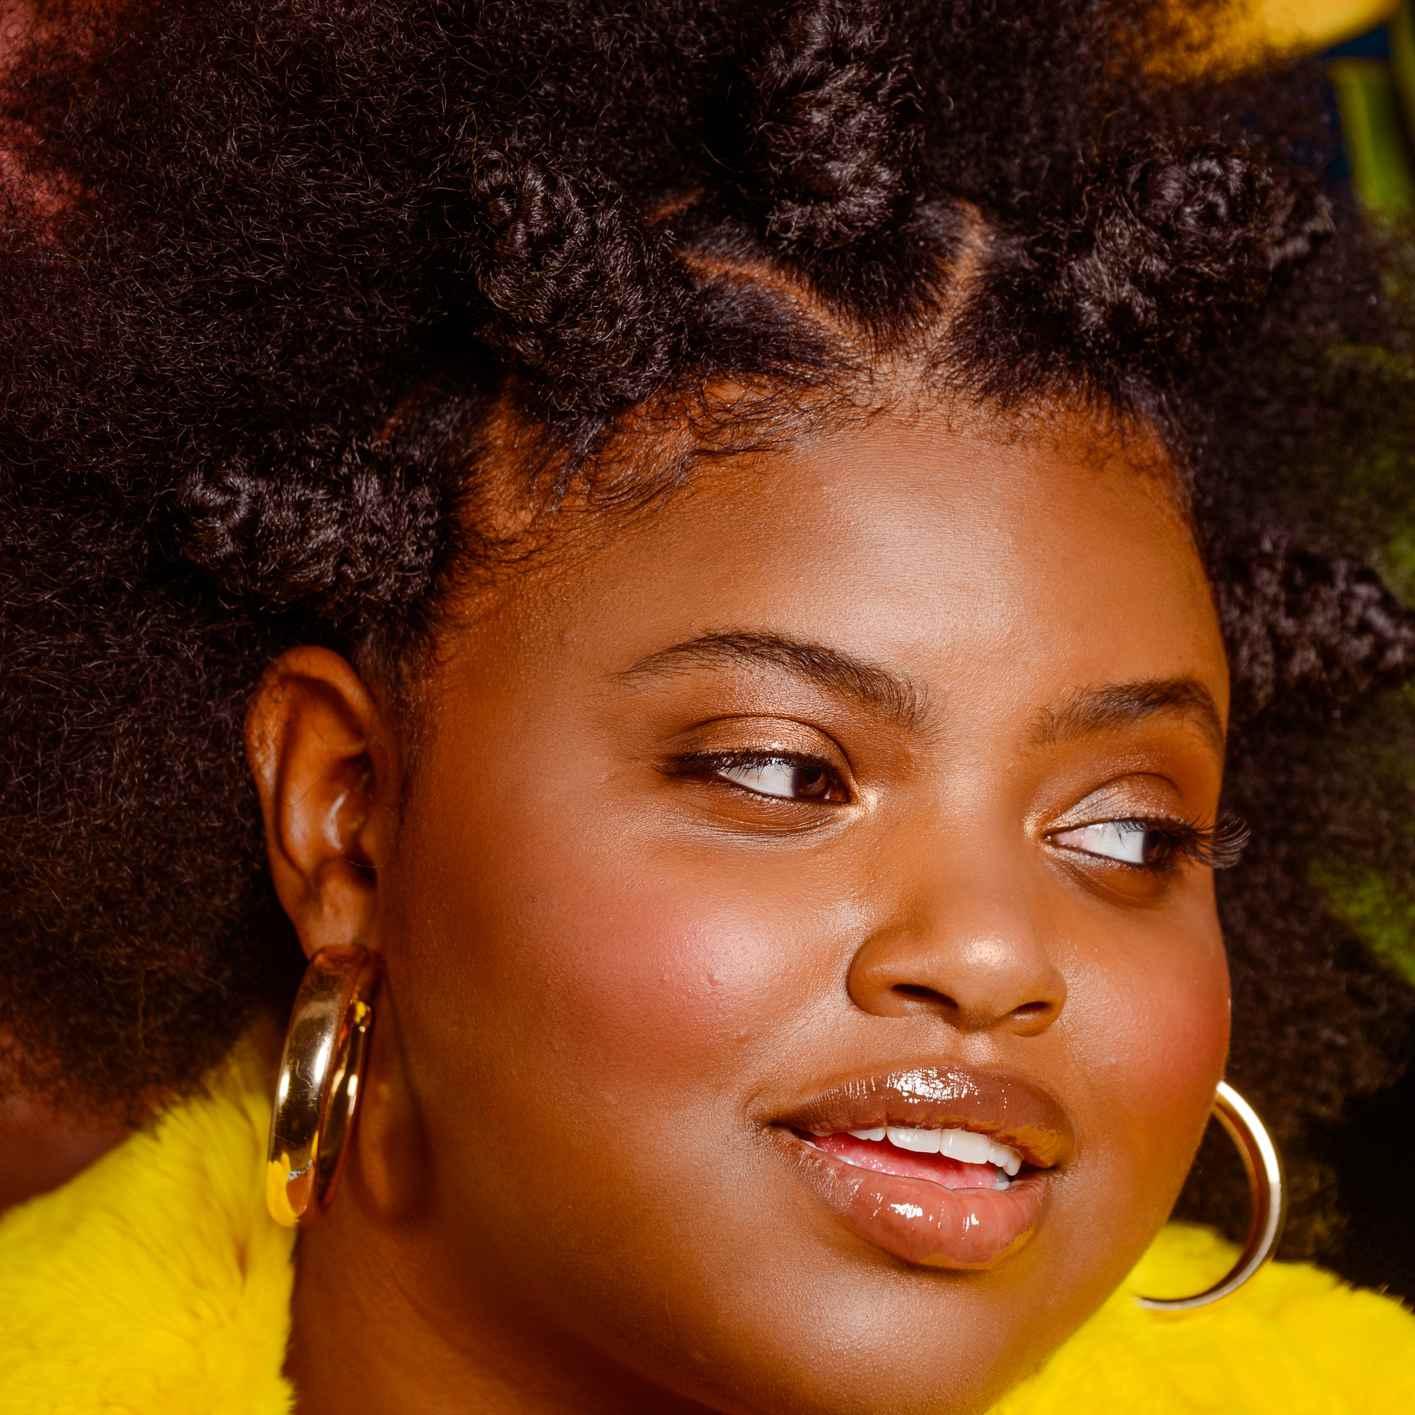 Woman wearing hair in bantu knots